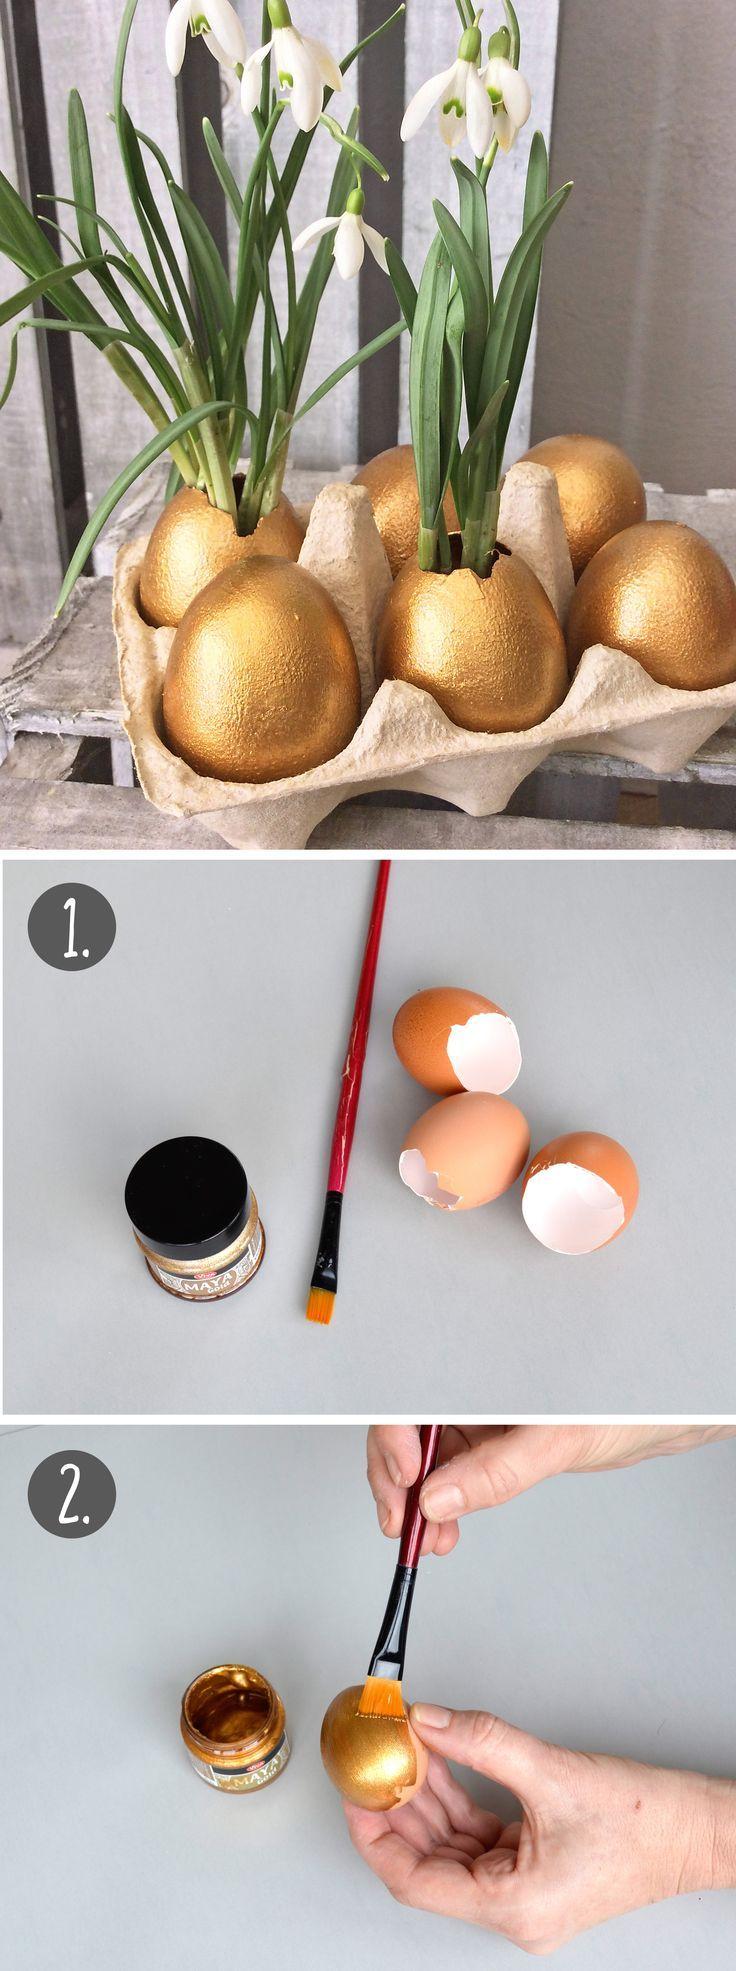 goldene ostern so schnell so sch n so werden eier gestaltet mit maya gold zum edlen. Black Bedroom Furniture Sets. Home Design Ideas